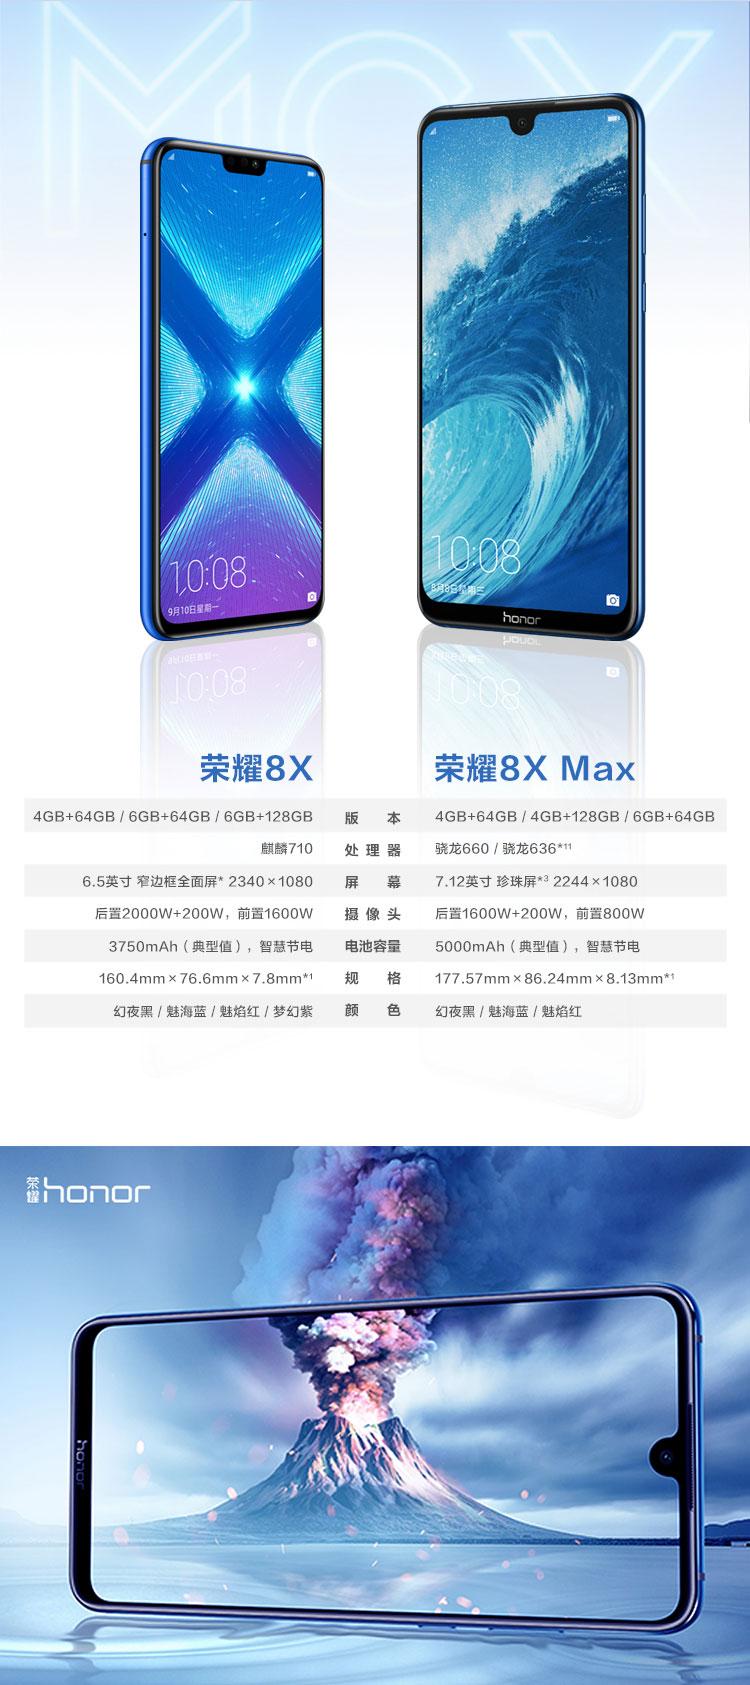 Buy Huawei Honor 8X Max Cell Phone Black 4GB RAM 128GB ROM Online